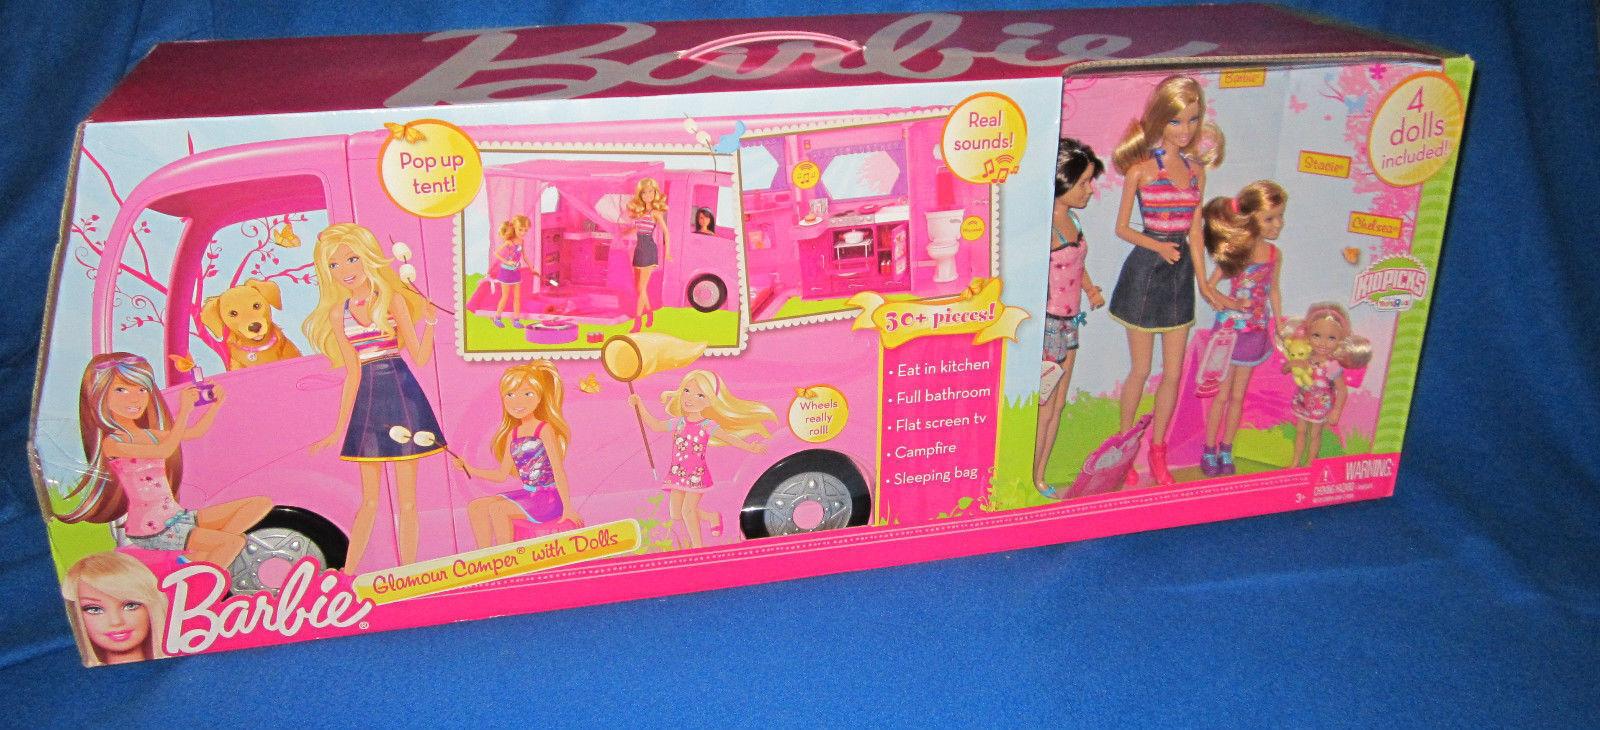 Muñecas Barbie Glamour Camper con 4 Nuevo Sellado difícil de encontrar